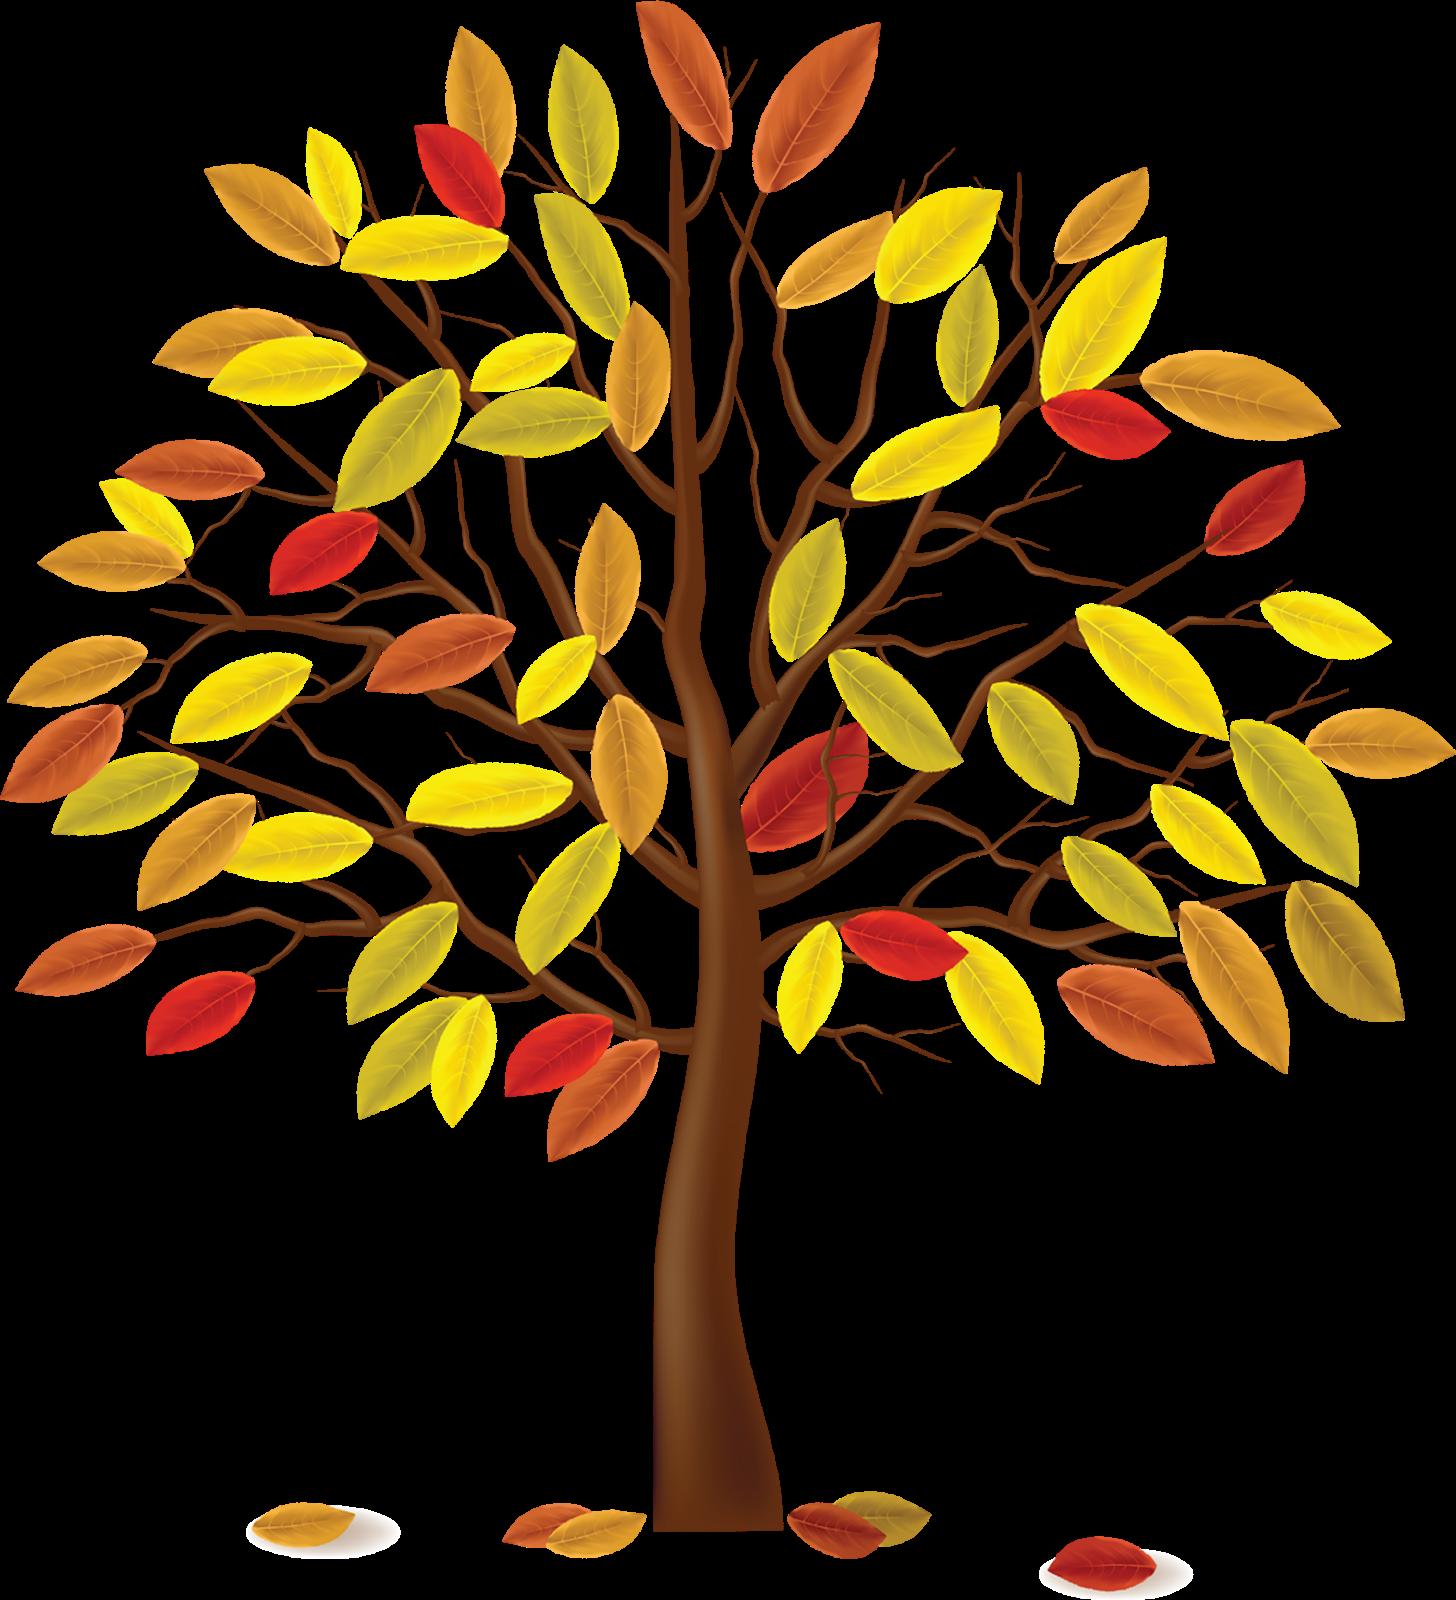 Дерево с осенними листьями картинка для детей, сделать небольшую открытку